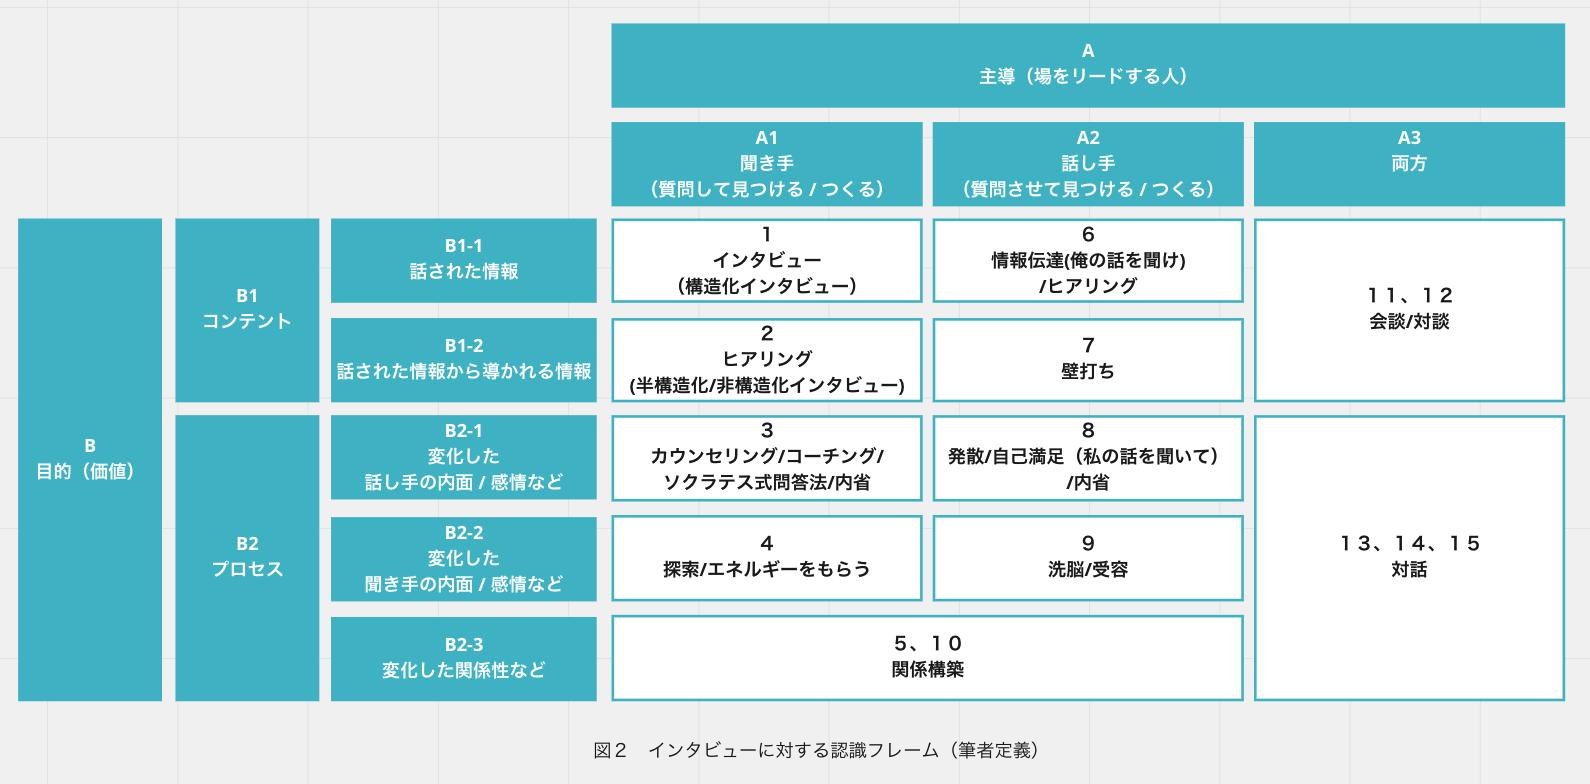 f:id:yoshitsugumi:20201226034505p:plain